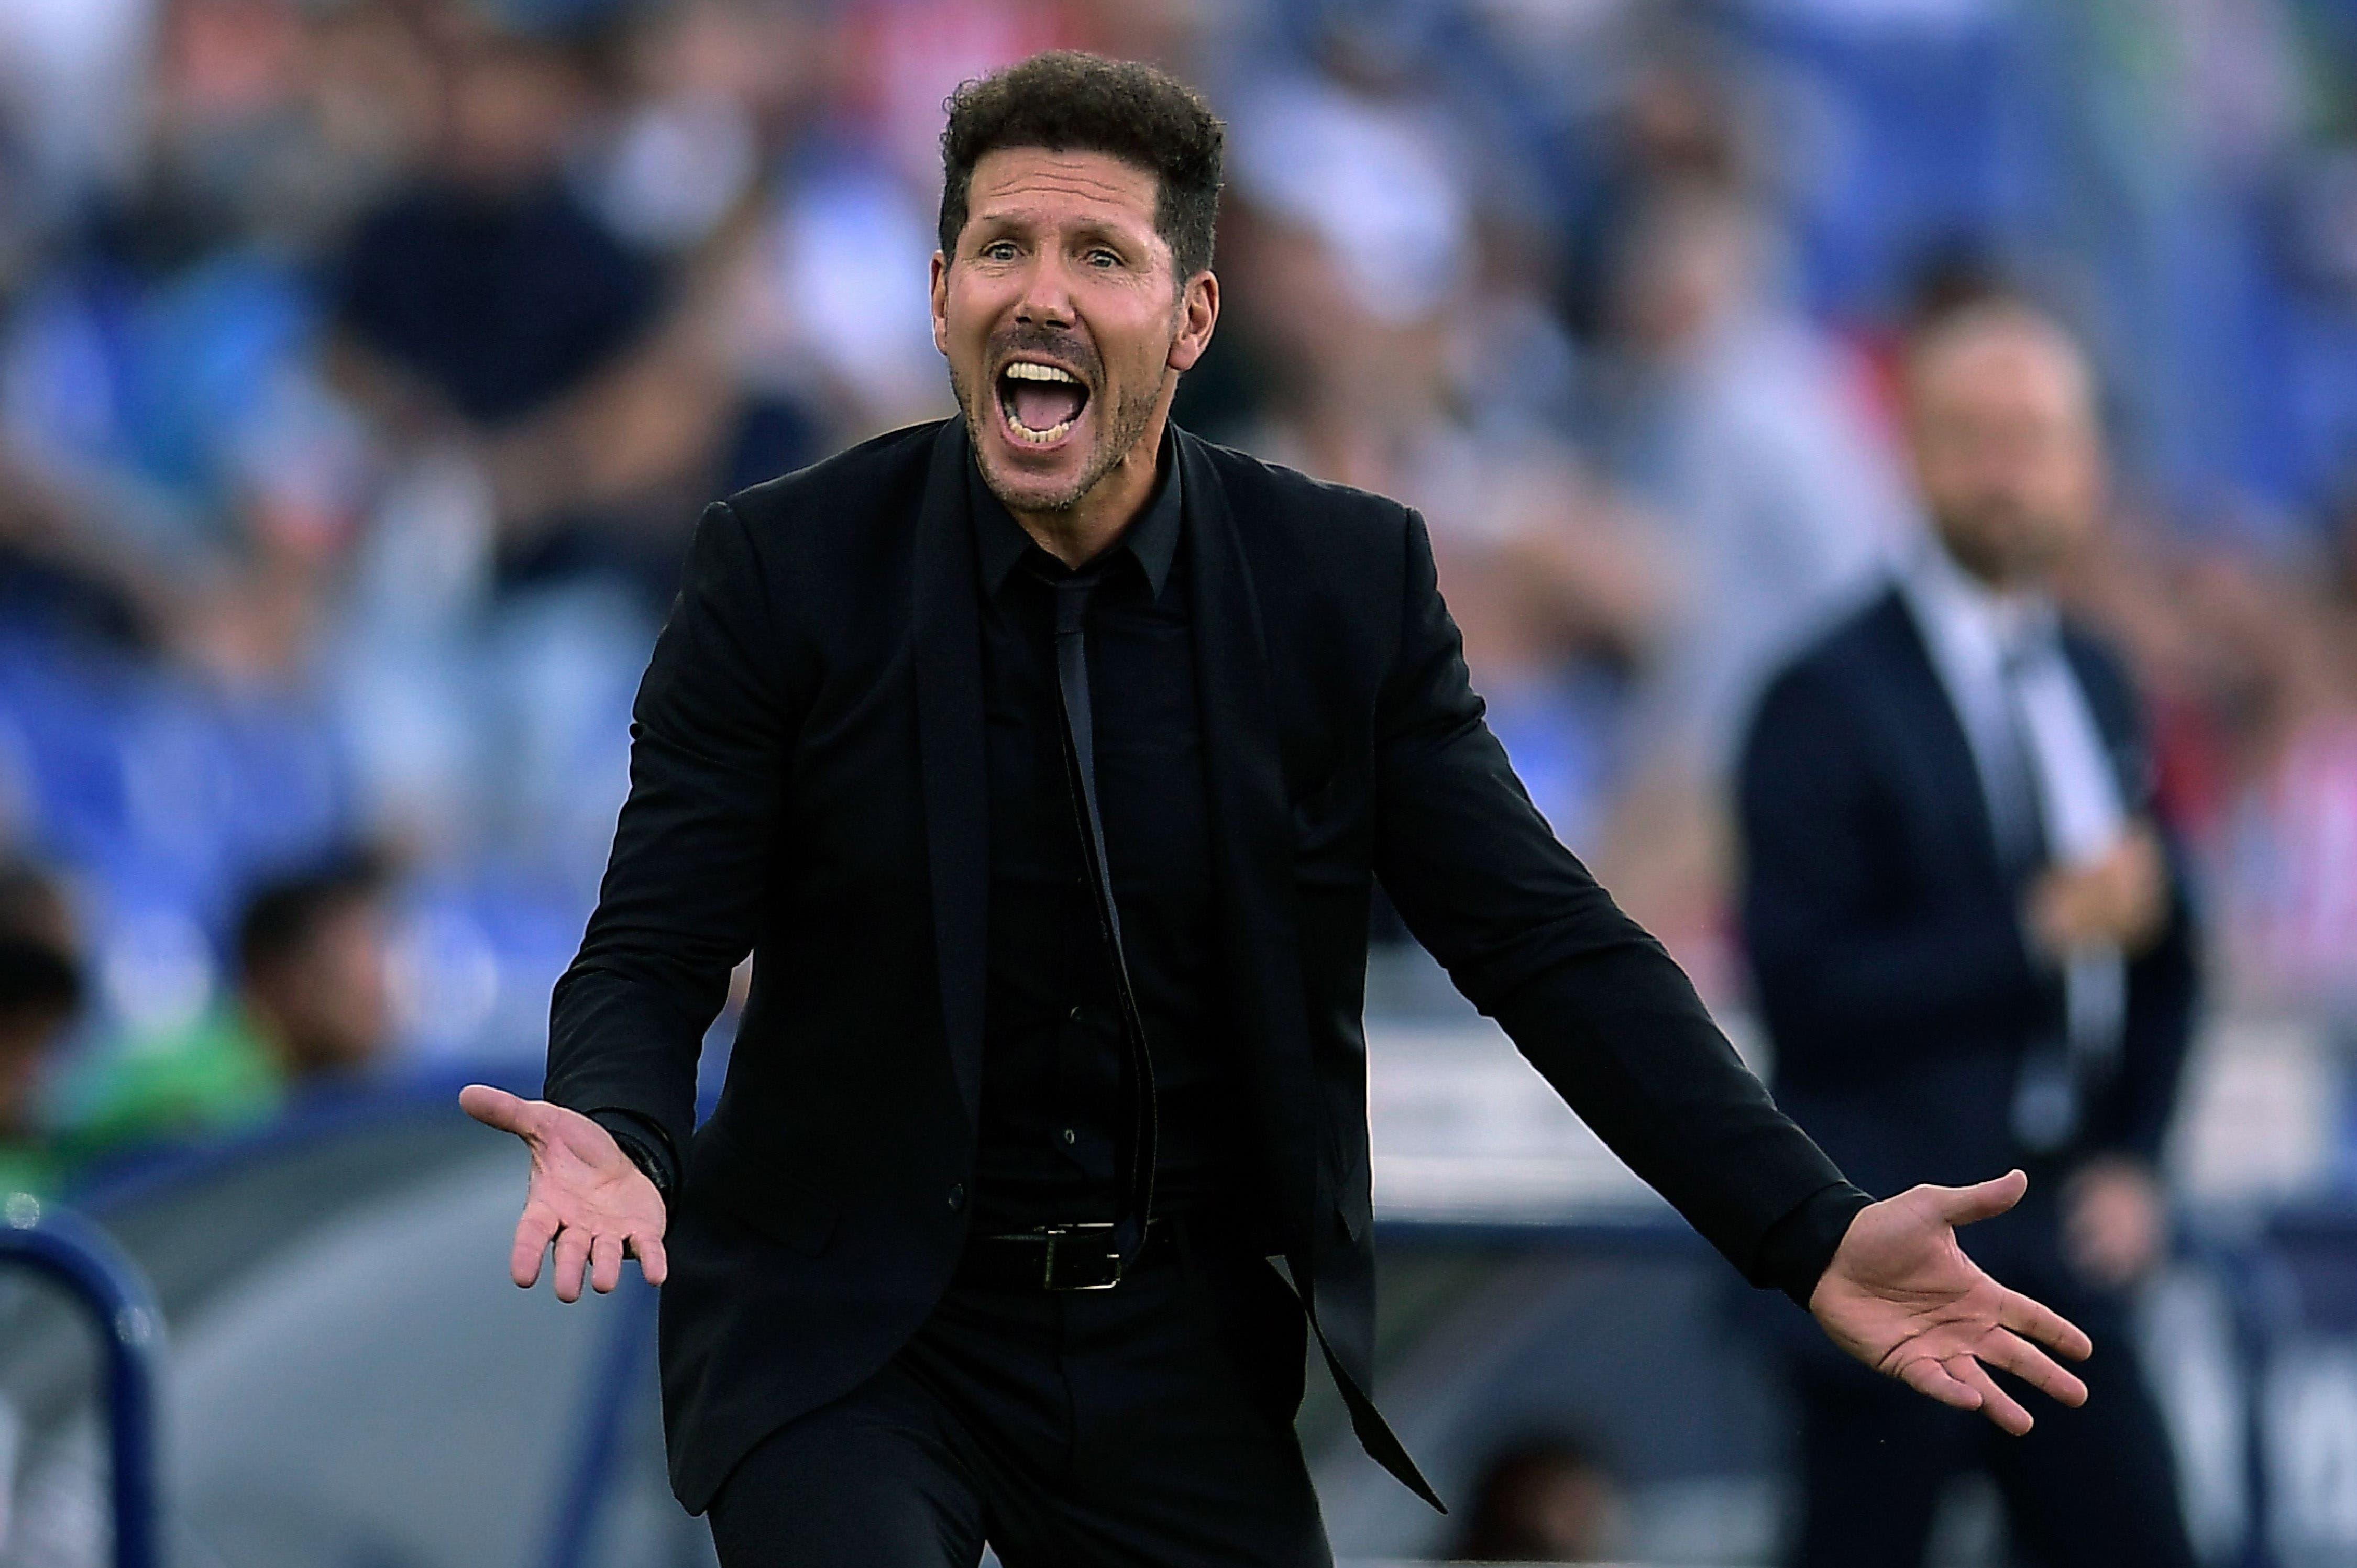 Real Madrid ganó tras una corrección del VAR y Diego Simeone festejó con el Atlético de Madrid